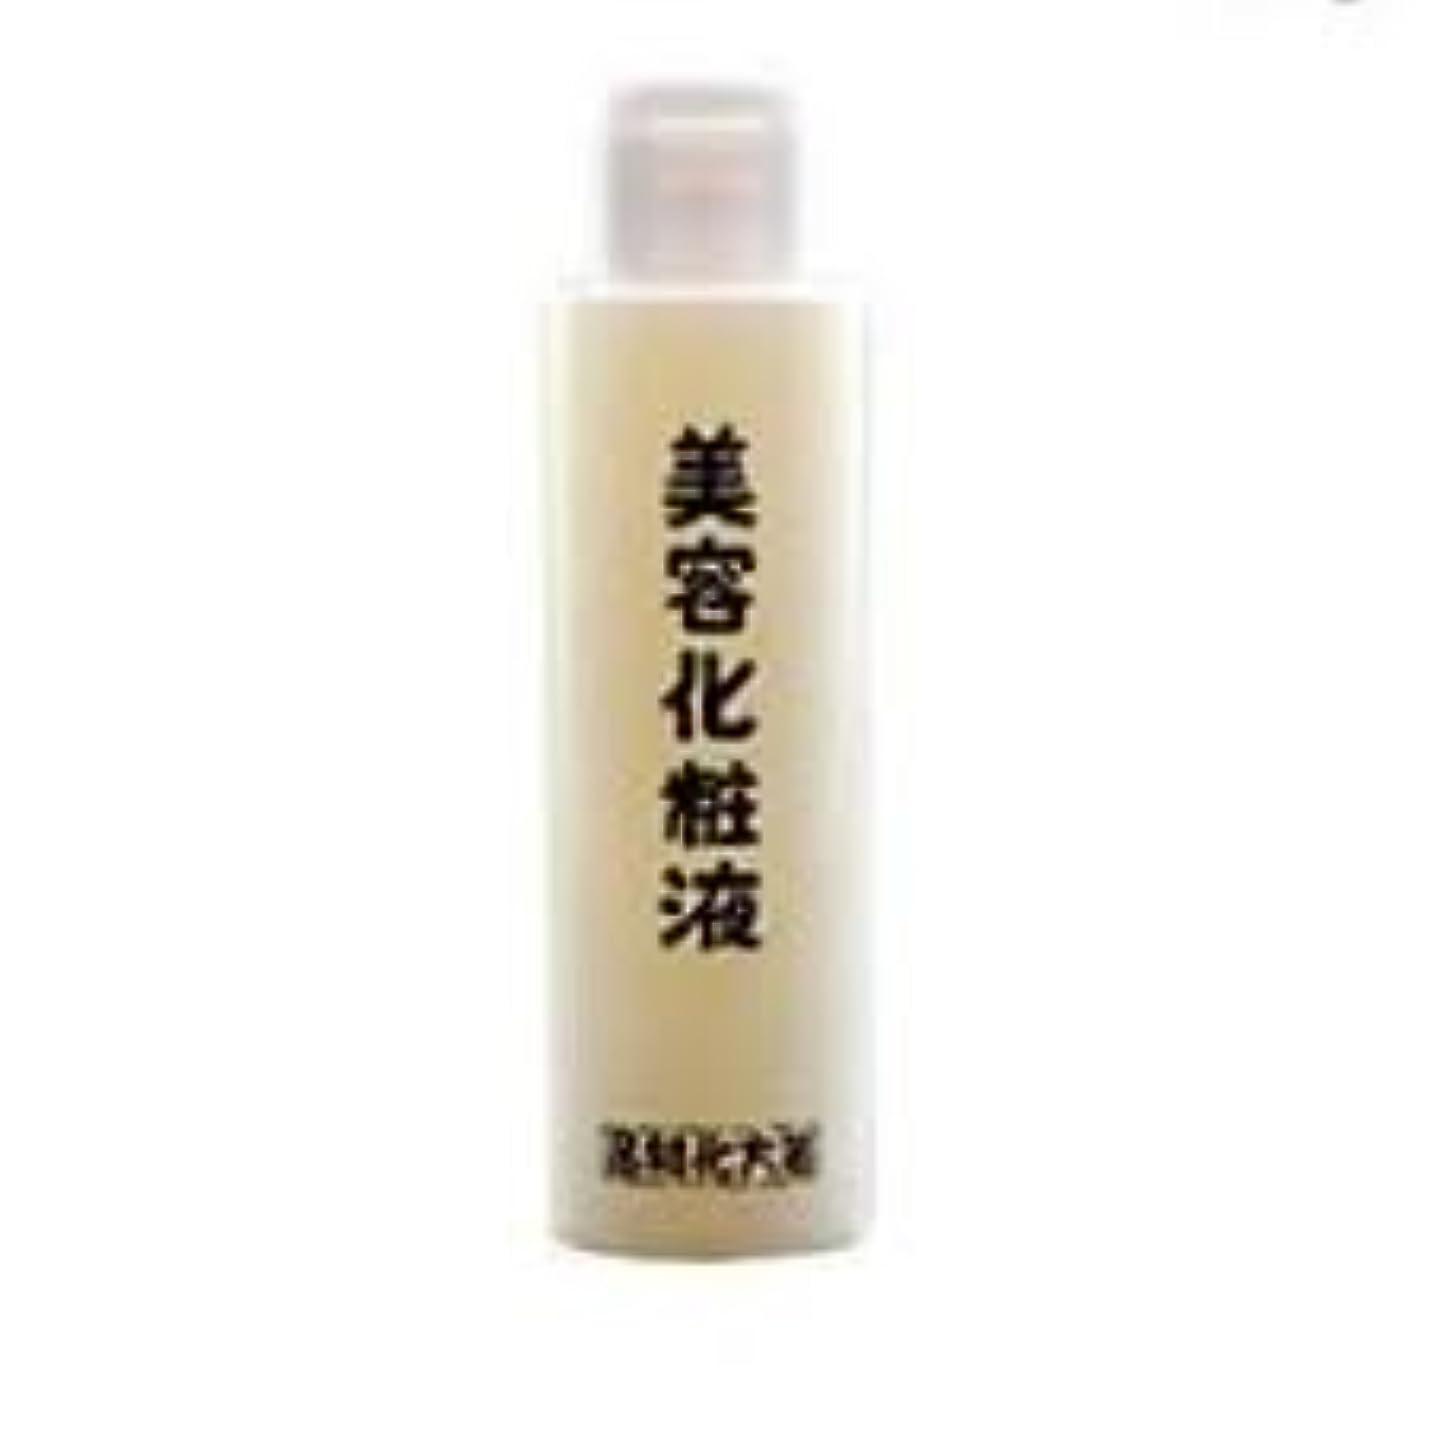 忘れる高尚な買い手箸方化粧品 美容化粧液 化粧水 120ml はしかた化粧品